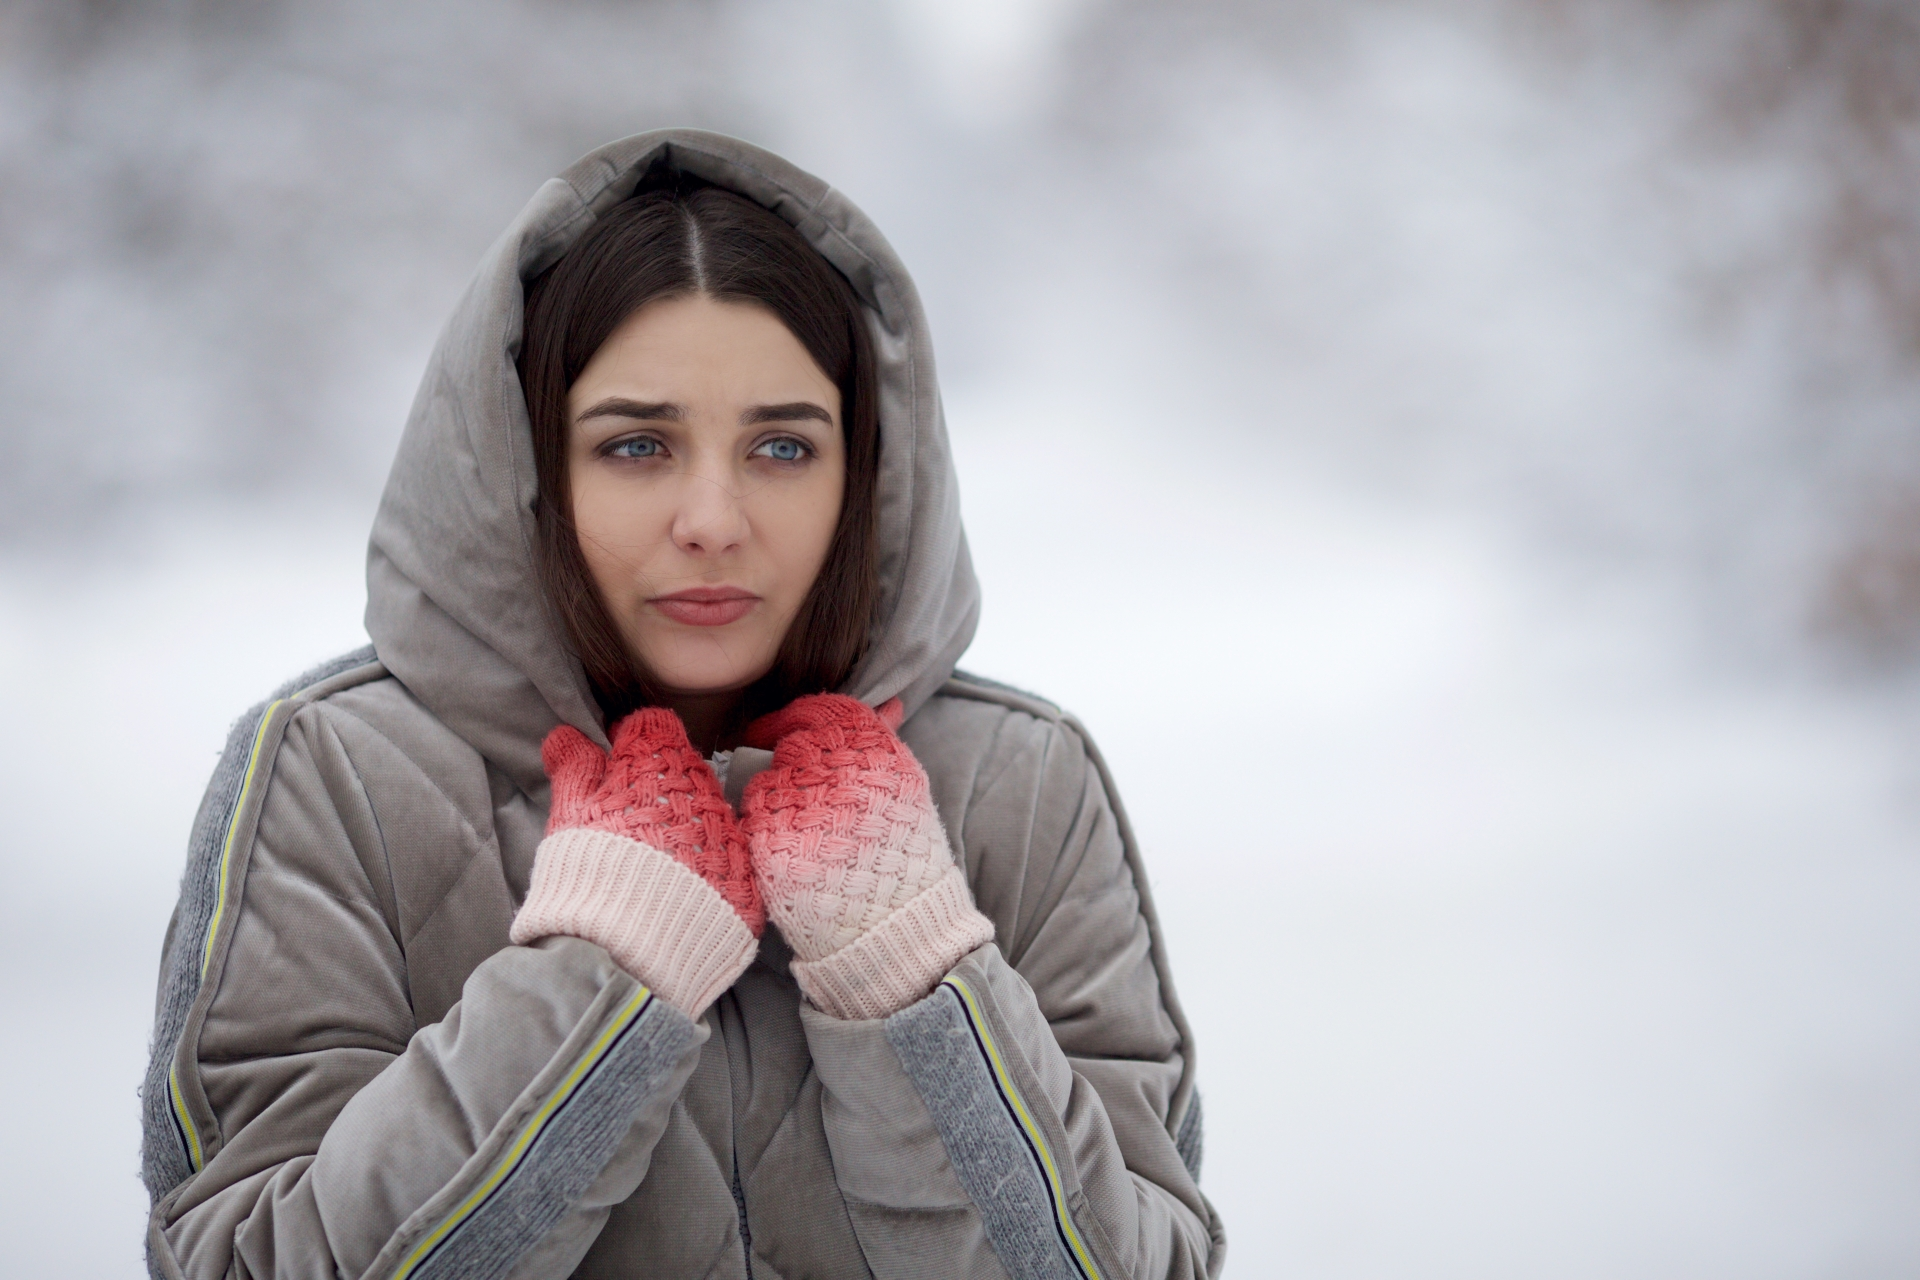 寒い季節は肩こりになりやすい理由と対策